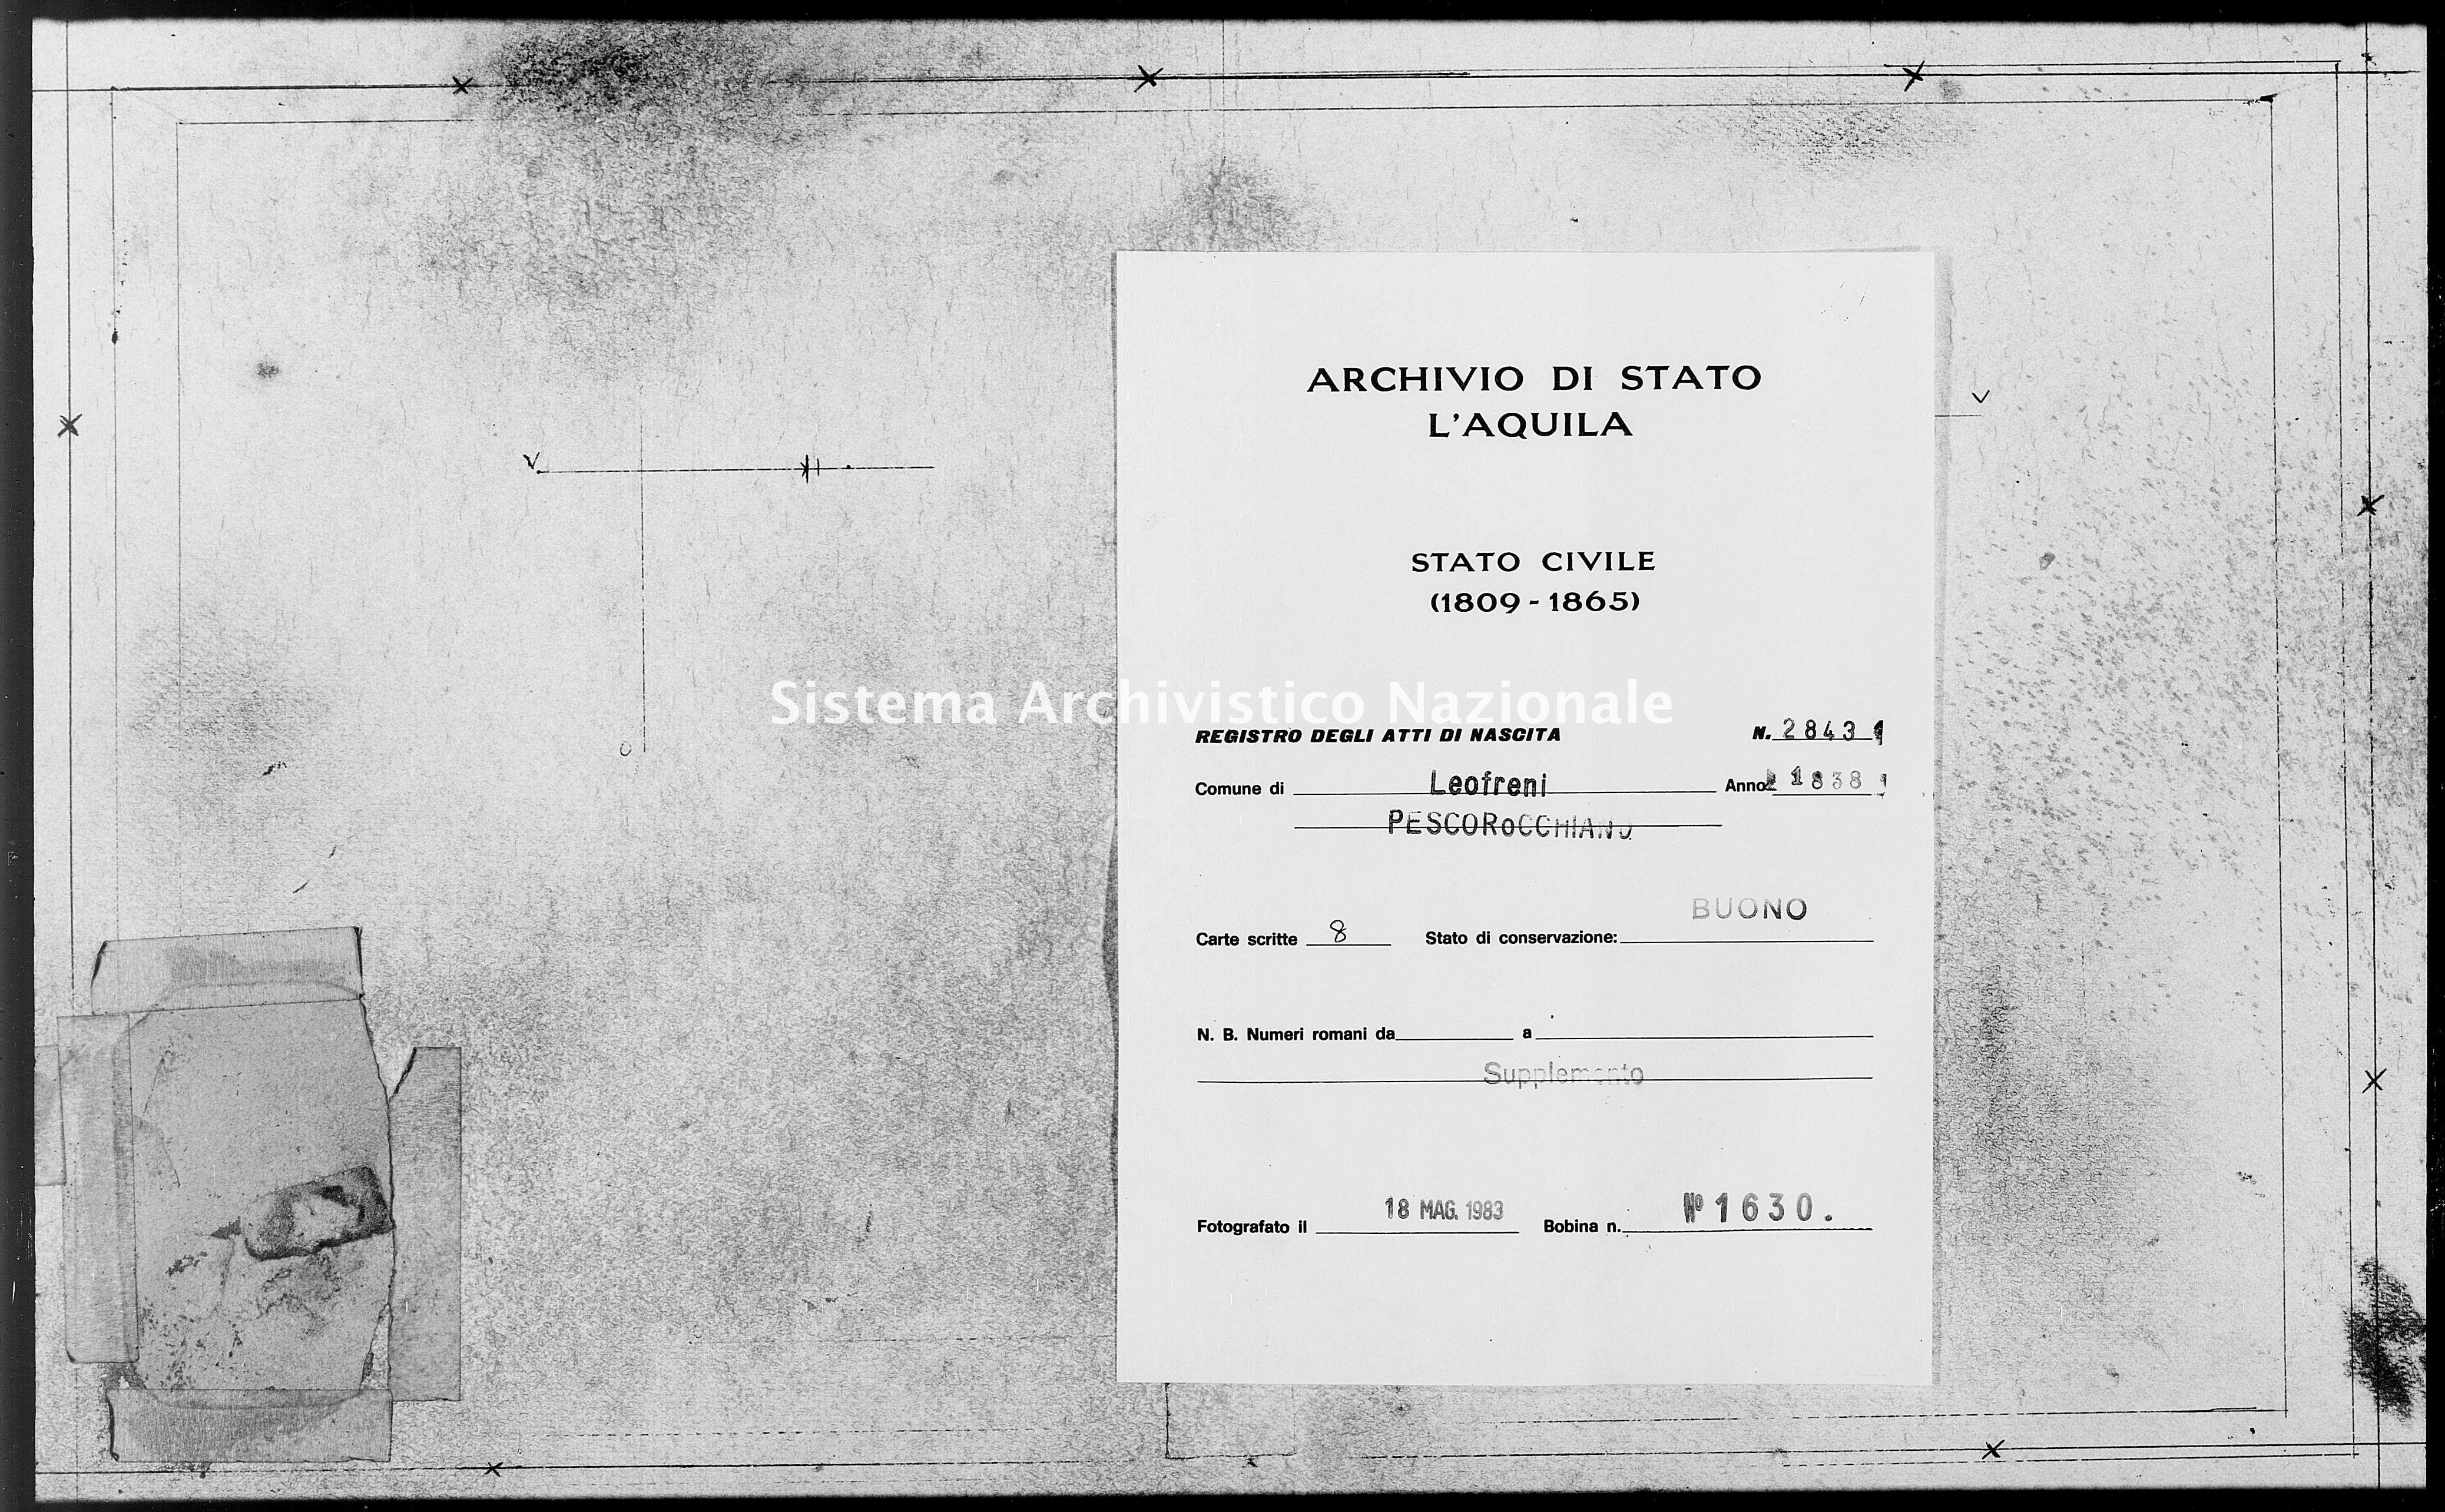 Archivio di stato di L'aquila - Stato civile della restaurazione - Leofreni - Nati, battesimi - 1838 - 2843 -